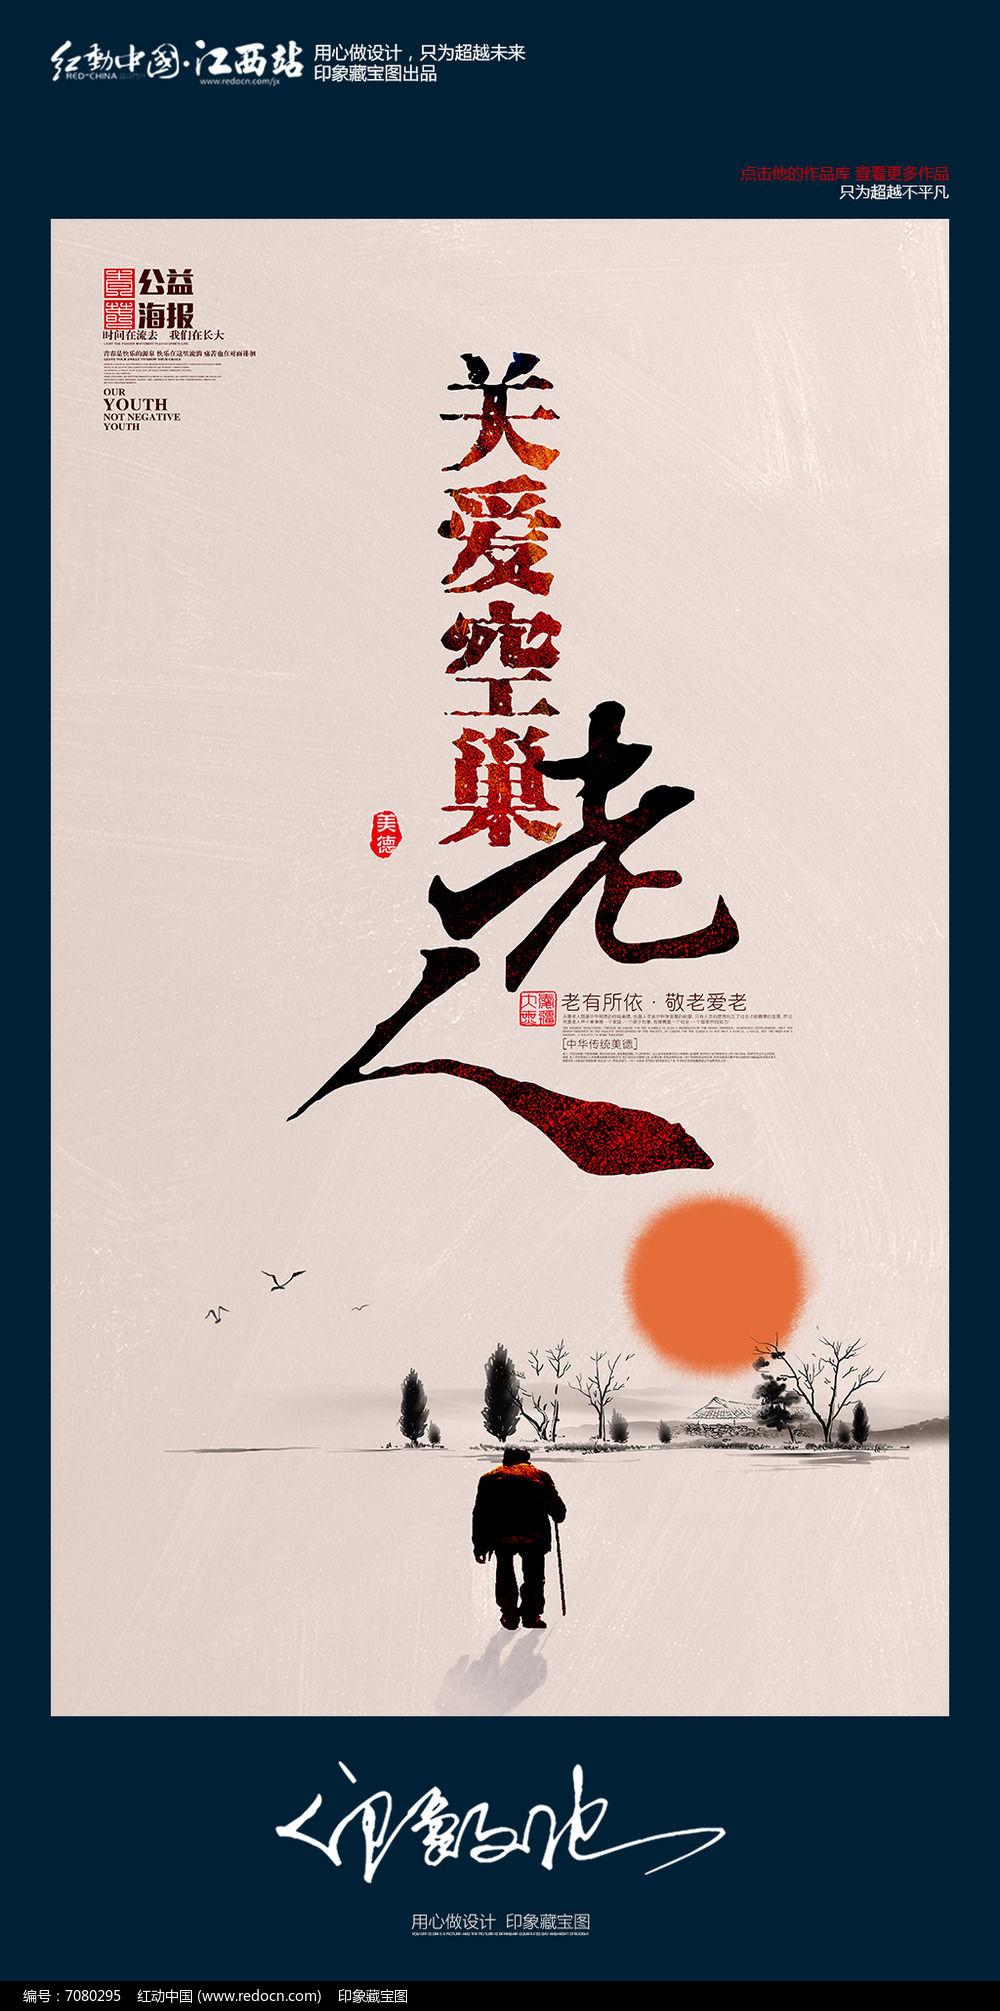 简约中国风关爱空巢老人海报设计PSD素材下载 编号7080295 红动网图片